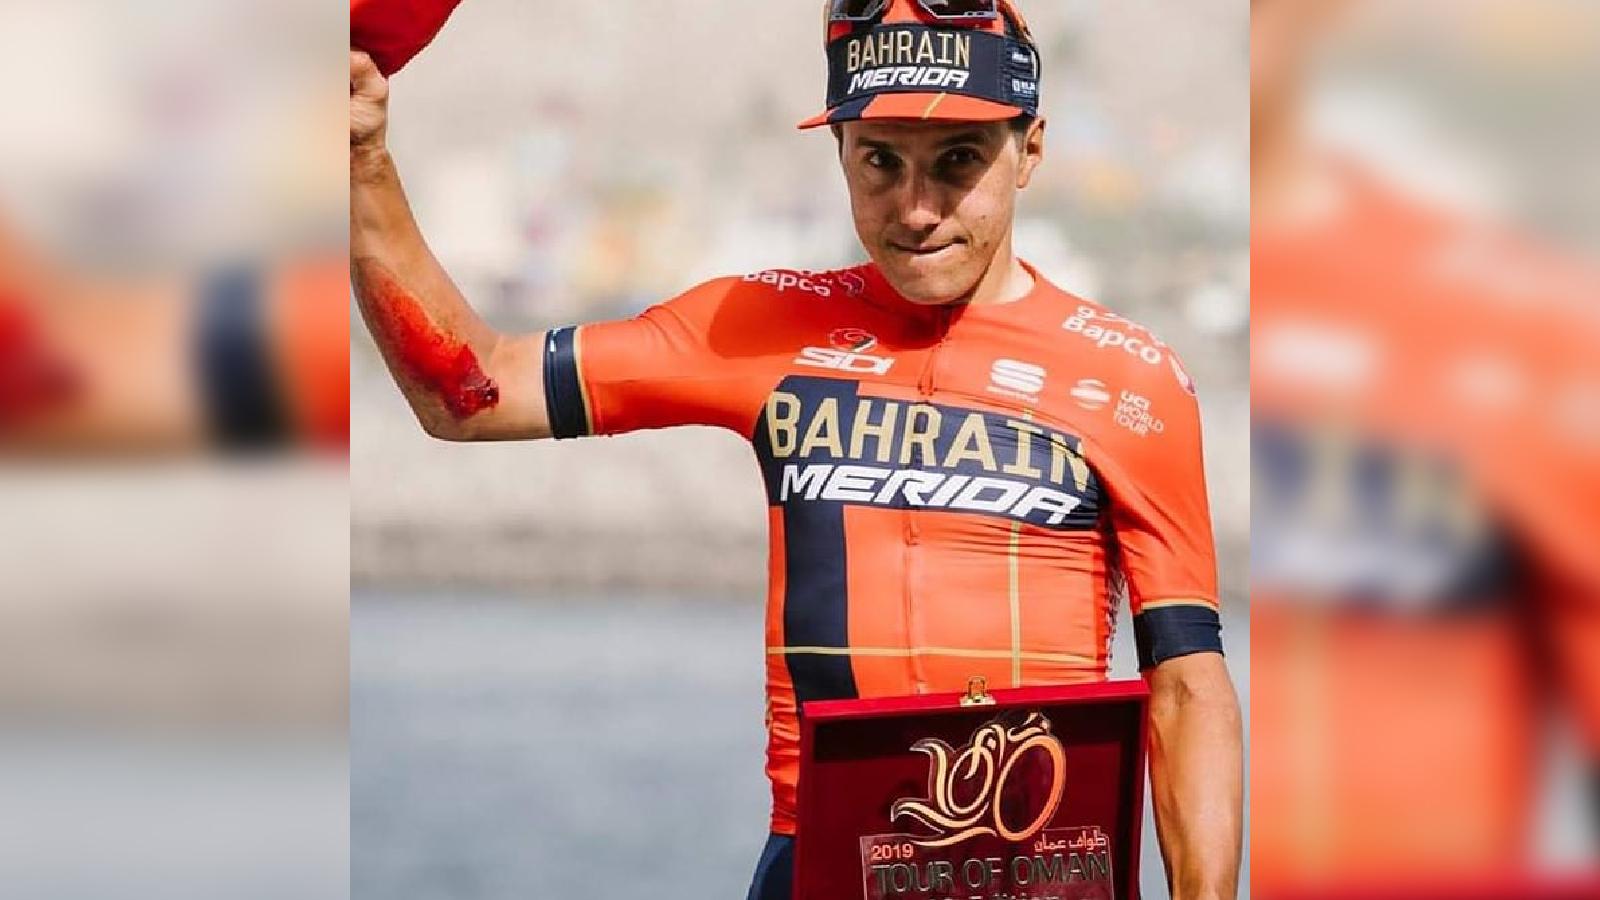 Operazione riuscita per Domenico Pozzovivo a CosenzaIl ciclista tra 15 giorni potrà iniziare a camminare